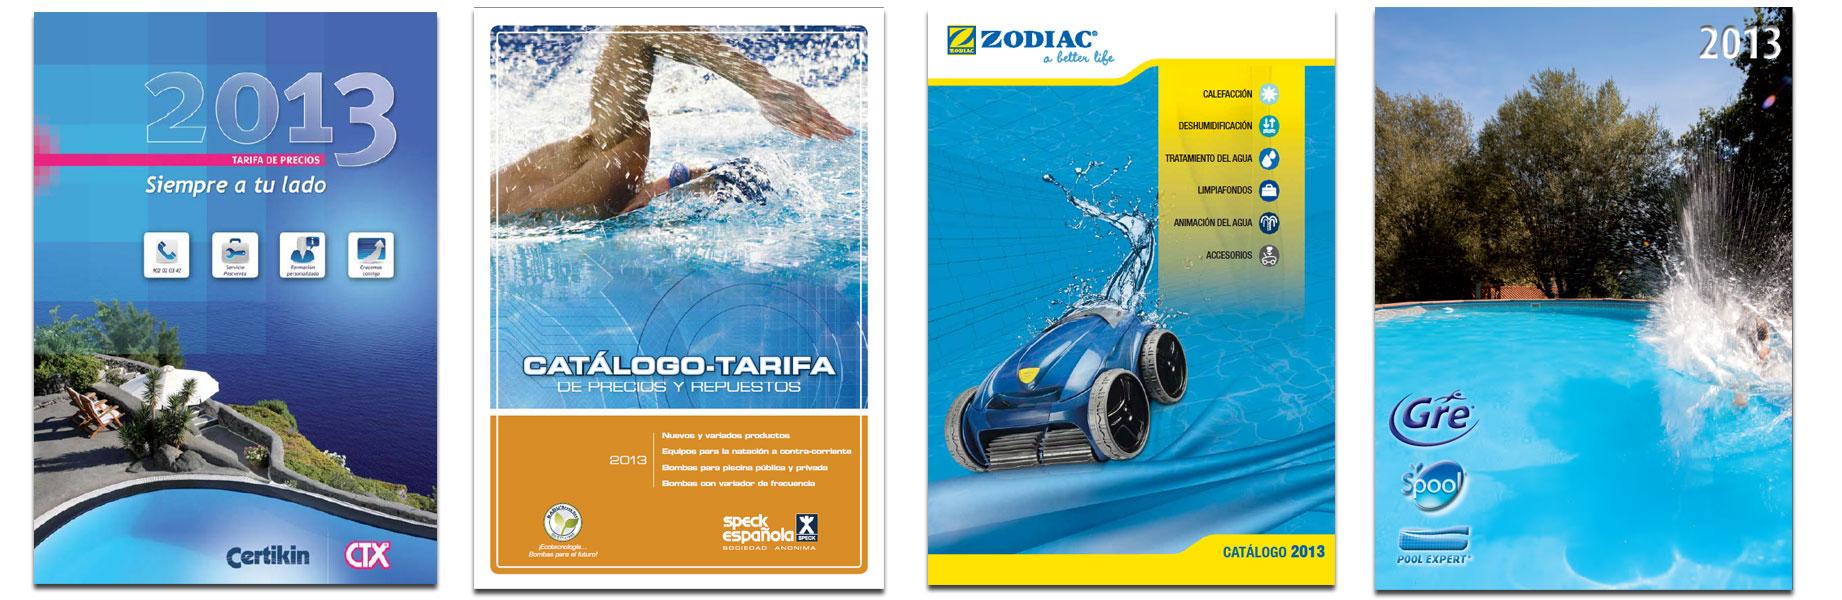 catalogos fabricantes piscinas de 2013